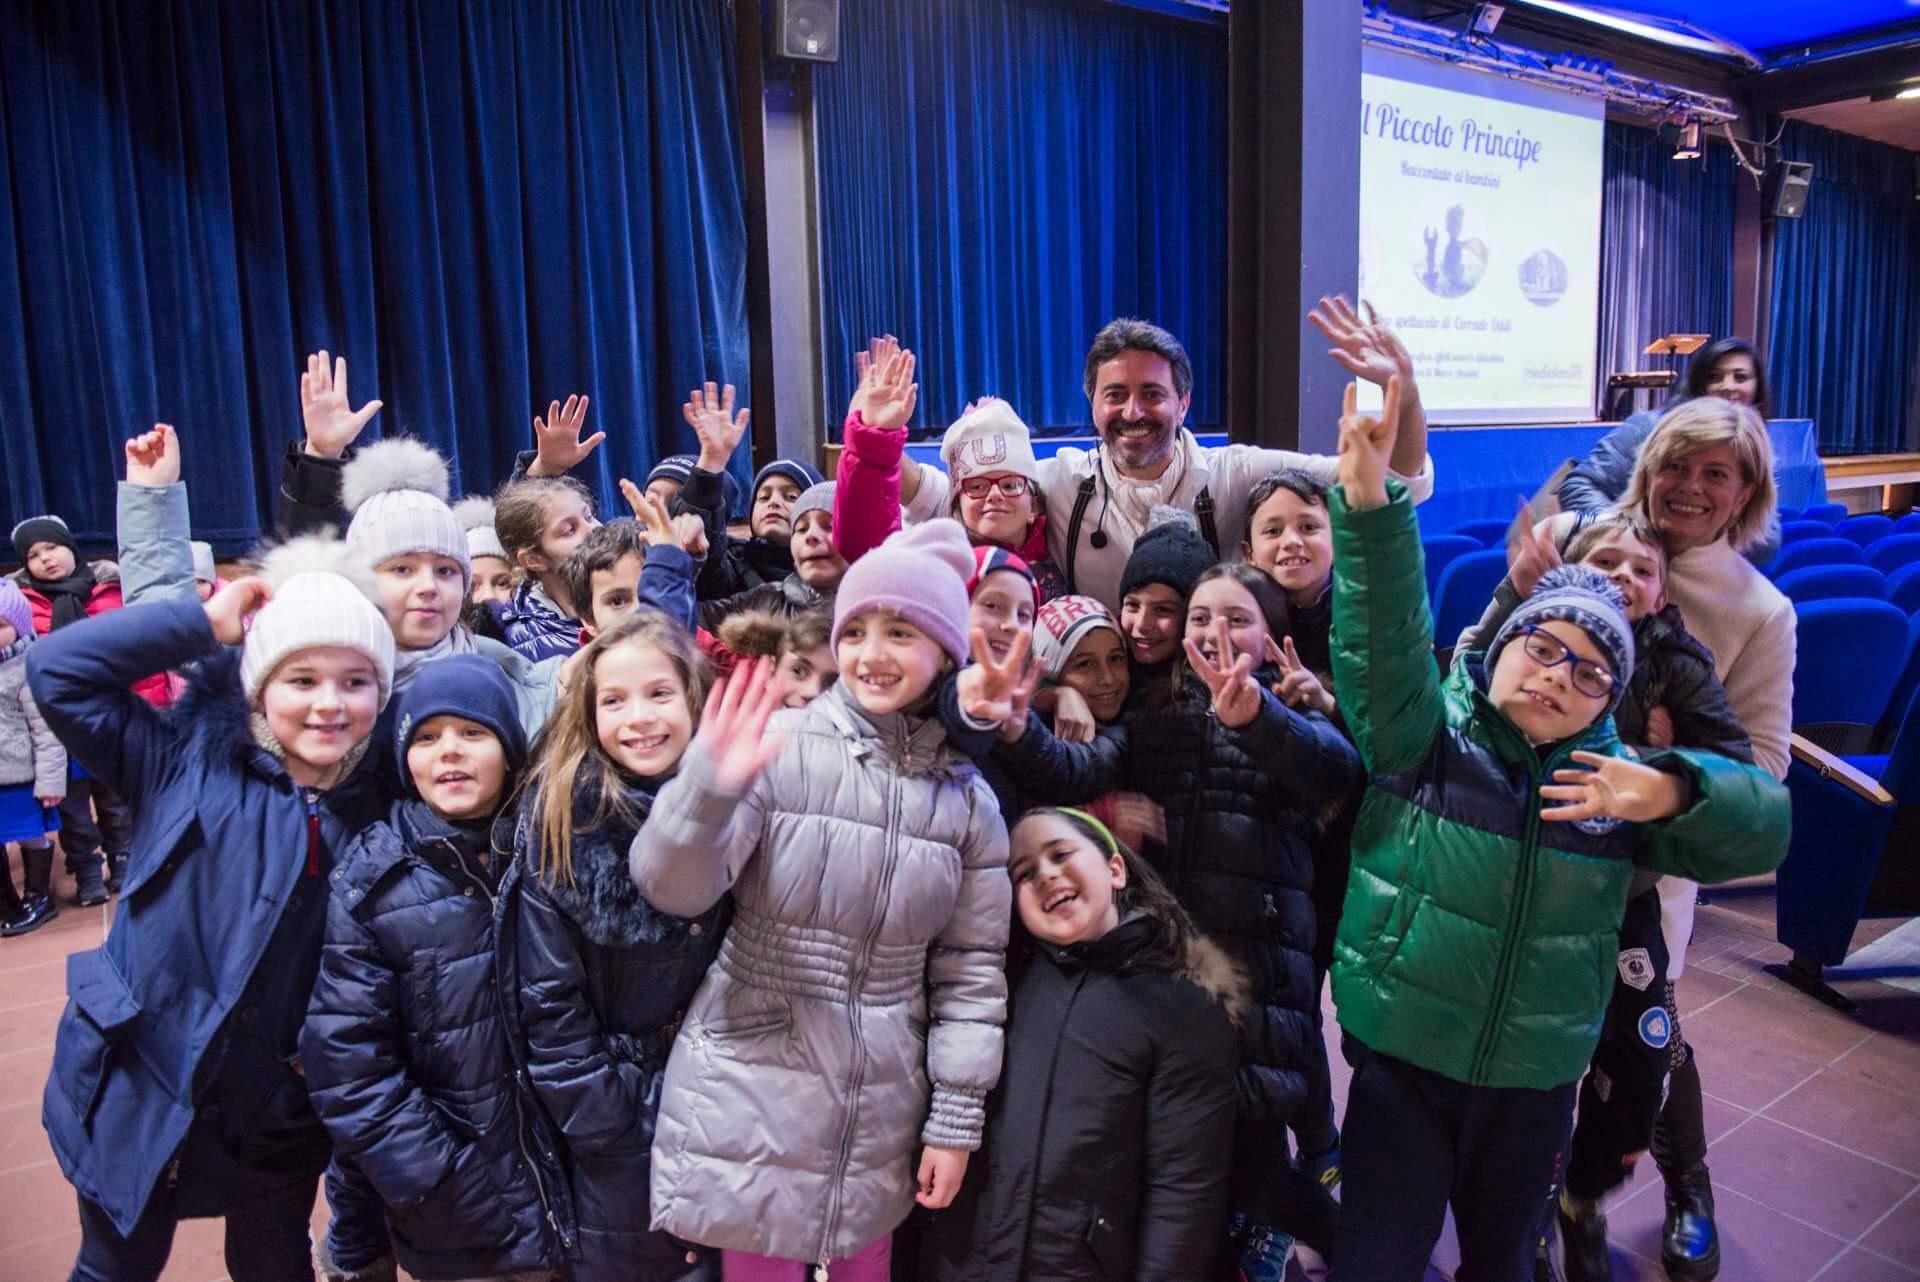 Il piccolo Principe di Corrado Oddi incanta i bambini delle scuola primaria